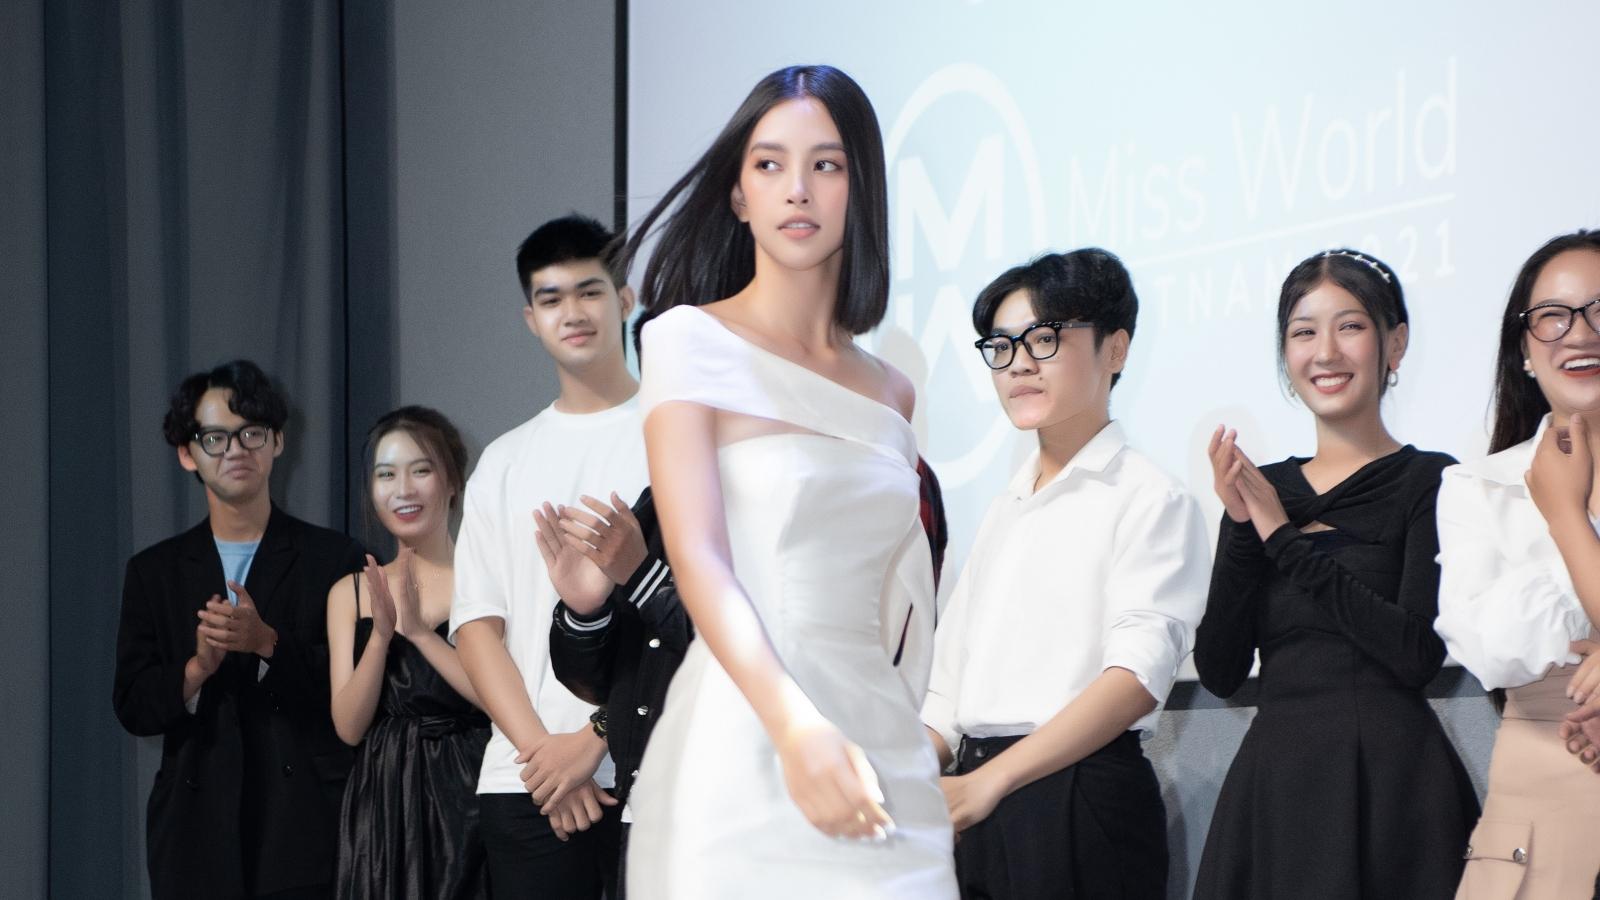 Tiểu Vy, Lương Thùy Linh trổ tài catwalk trong buổi giao lưu Miss World Vietnam 2021